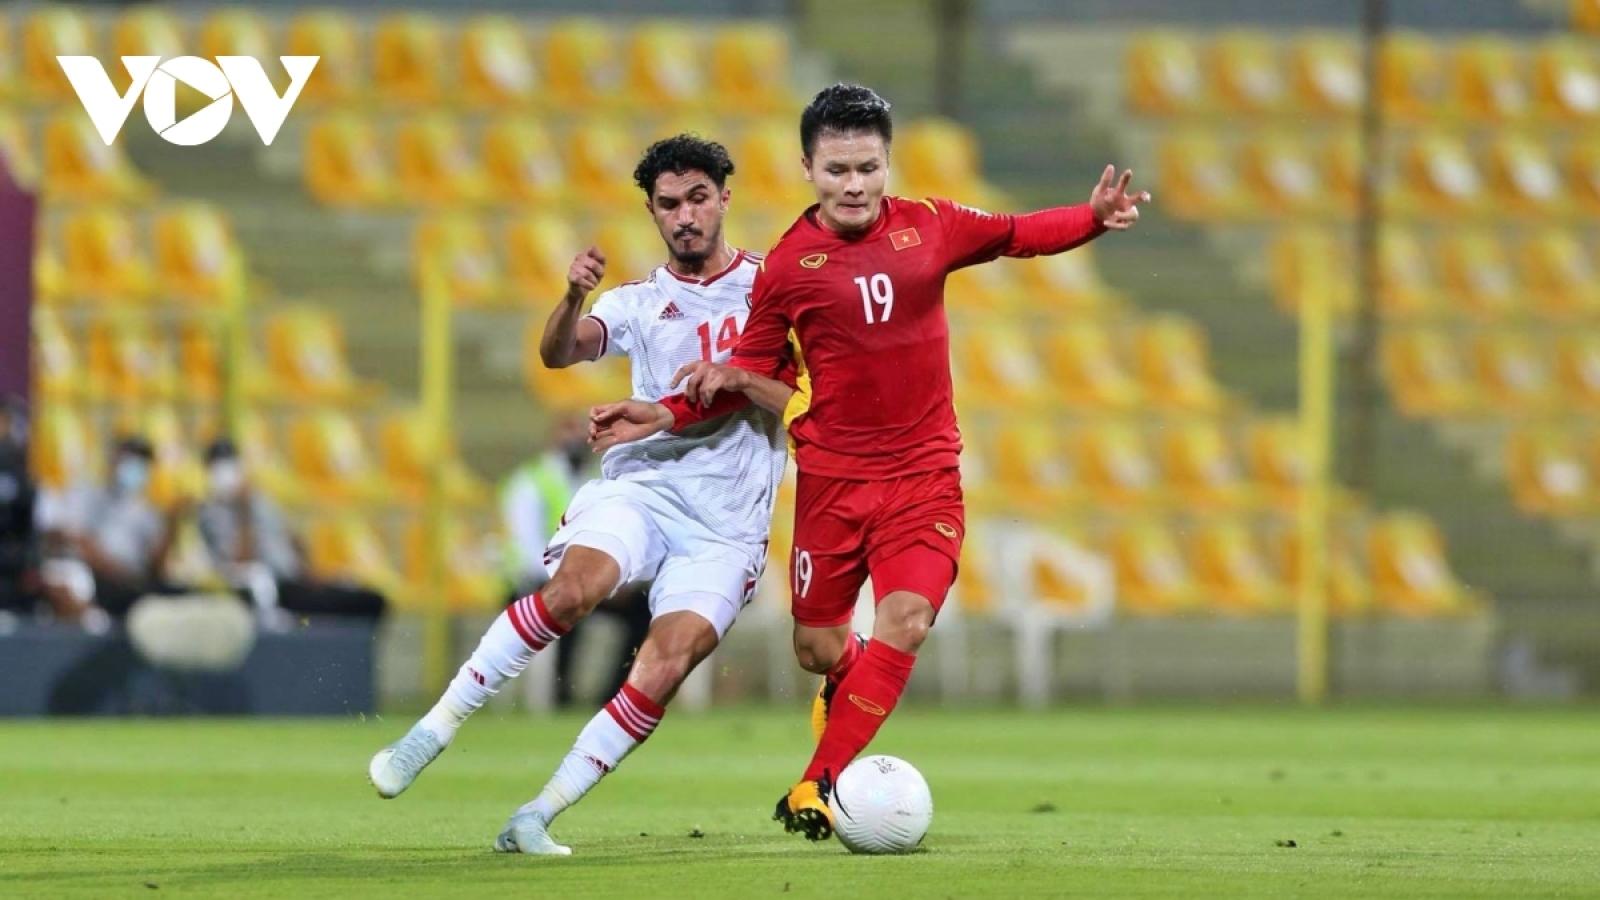 ĐT Việt Nam có bao nhiêu cơ hội để đến được VCK World Cup 2022?